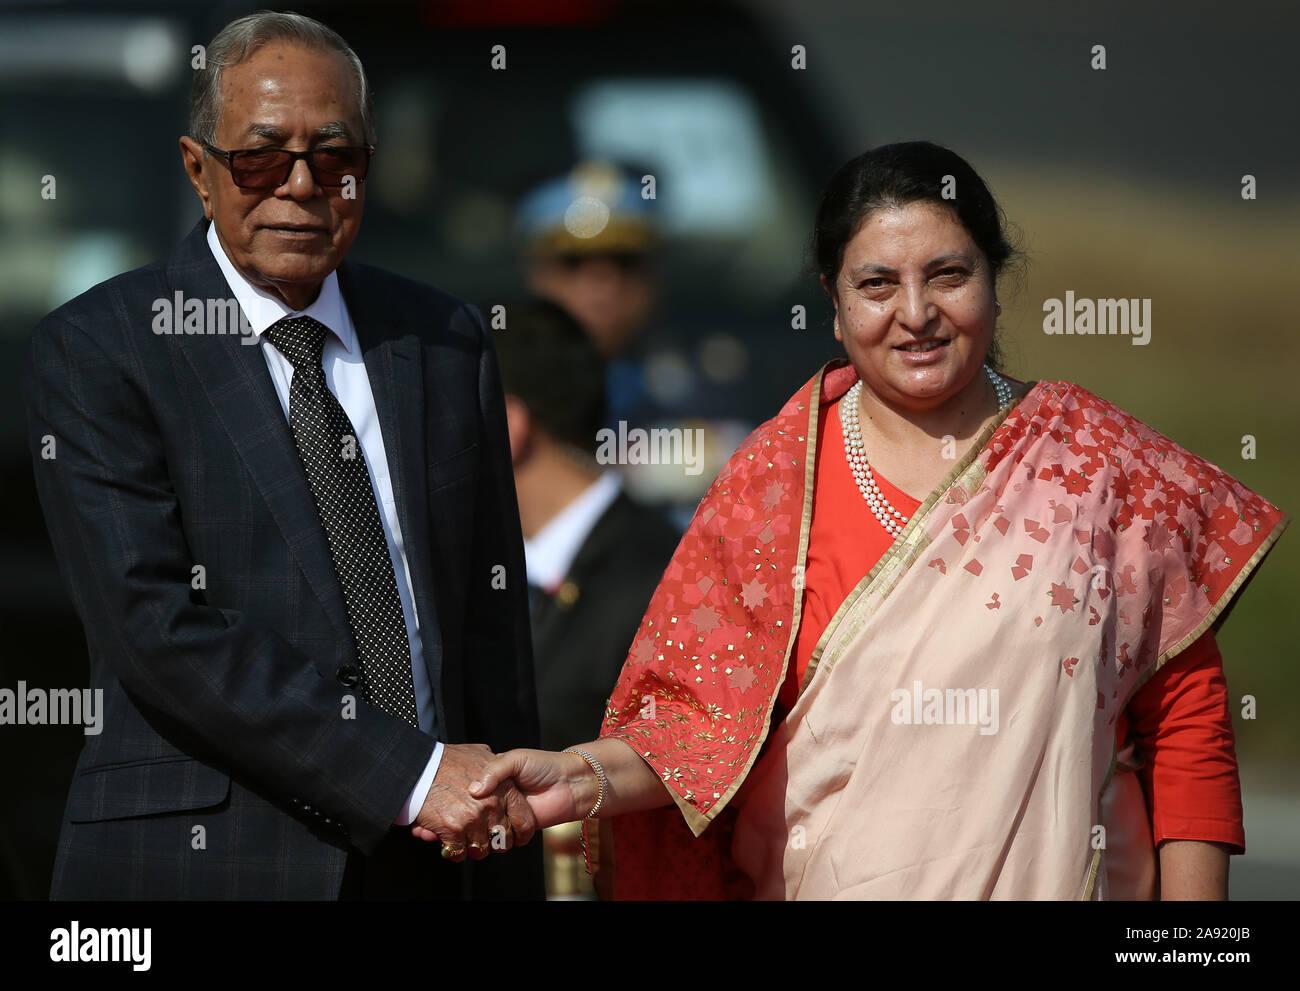 Katmandú, Nepal. 12 Nov, 2019. El Presidente de Bangladesh M Abdul Hamid (L) se da la mano con el Presidente nepalí Bidhya Bhandari Devi en el Aeropuerto Internacional de Tribhuvan en Katmandú, capital de Nepal, el 12 de noviembre, 2019. El Presidente de Bangladesh M Abdul Hamid llegó en Katmandú el martes por un oficial de 4 días visita de buena voluntad. Crédito: Str/Xinhua/Alamy Live News Foto de stock